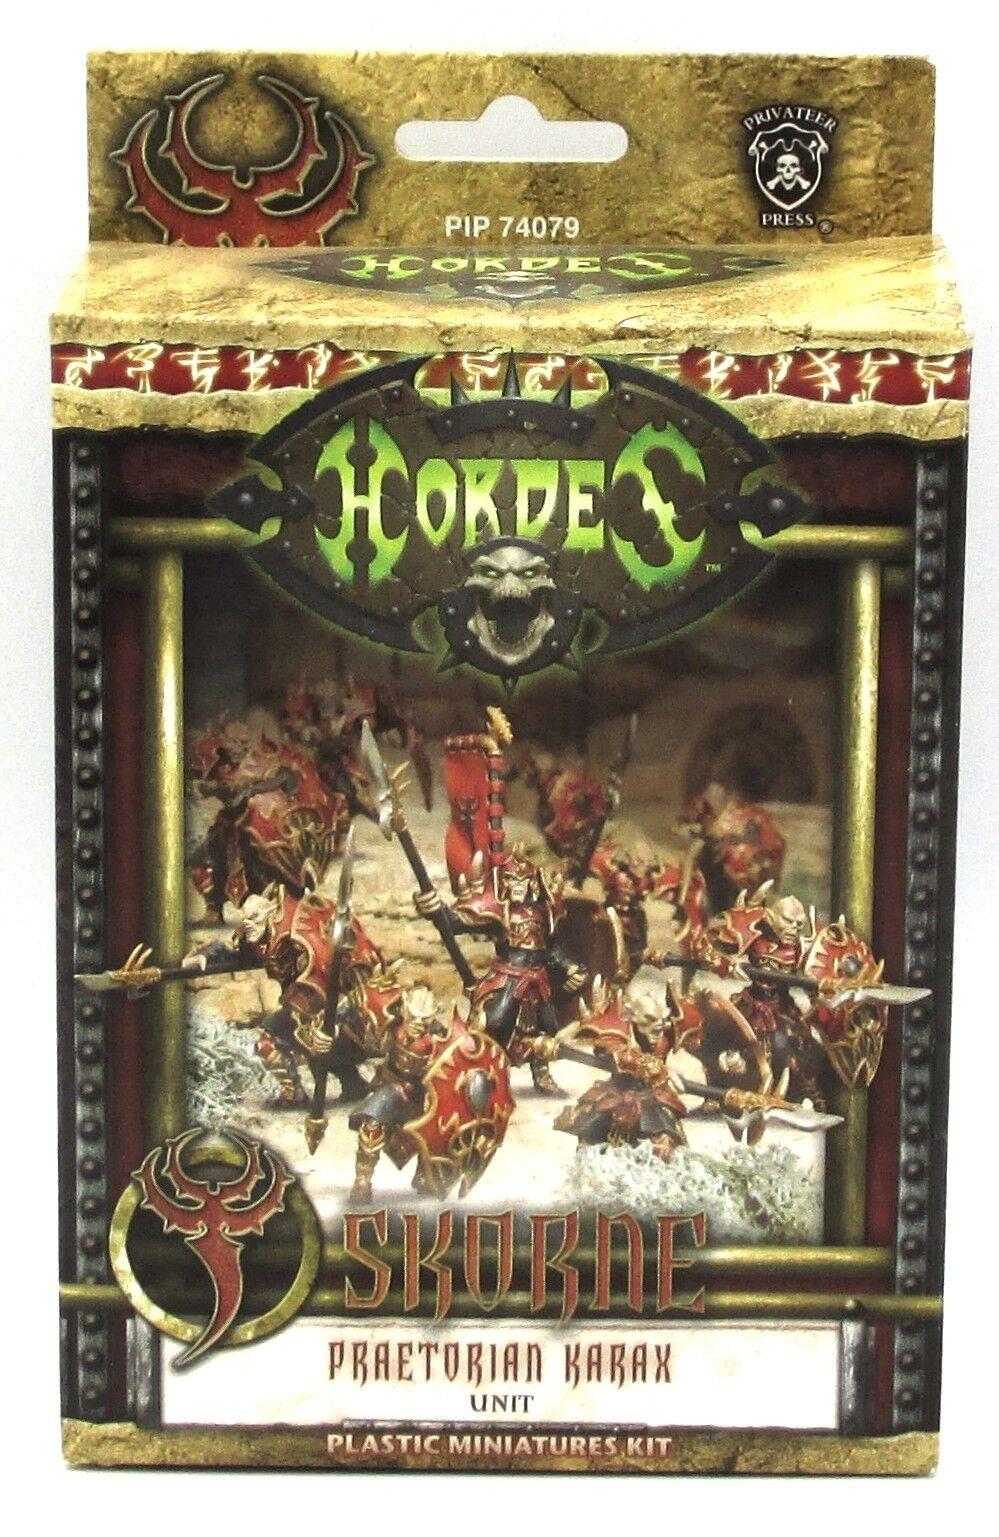 Horden pip74079 prätorianer karax einheit (skorne) [plastische miniaturen - kit.